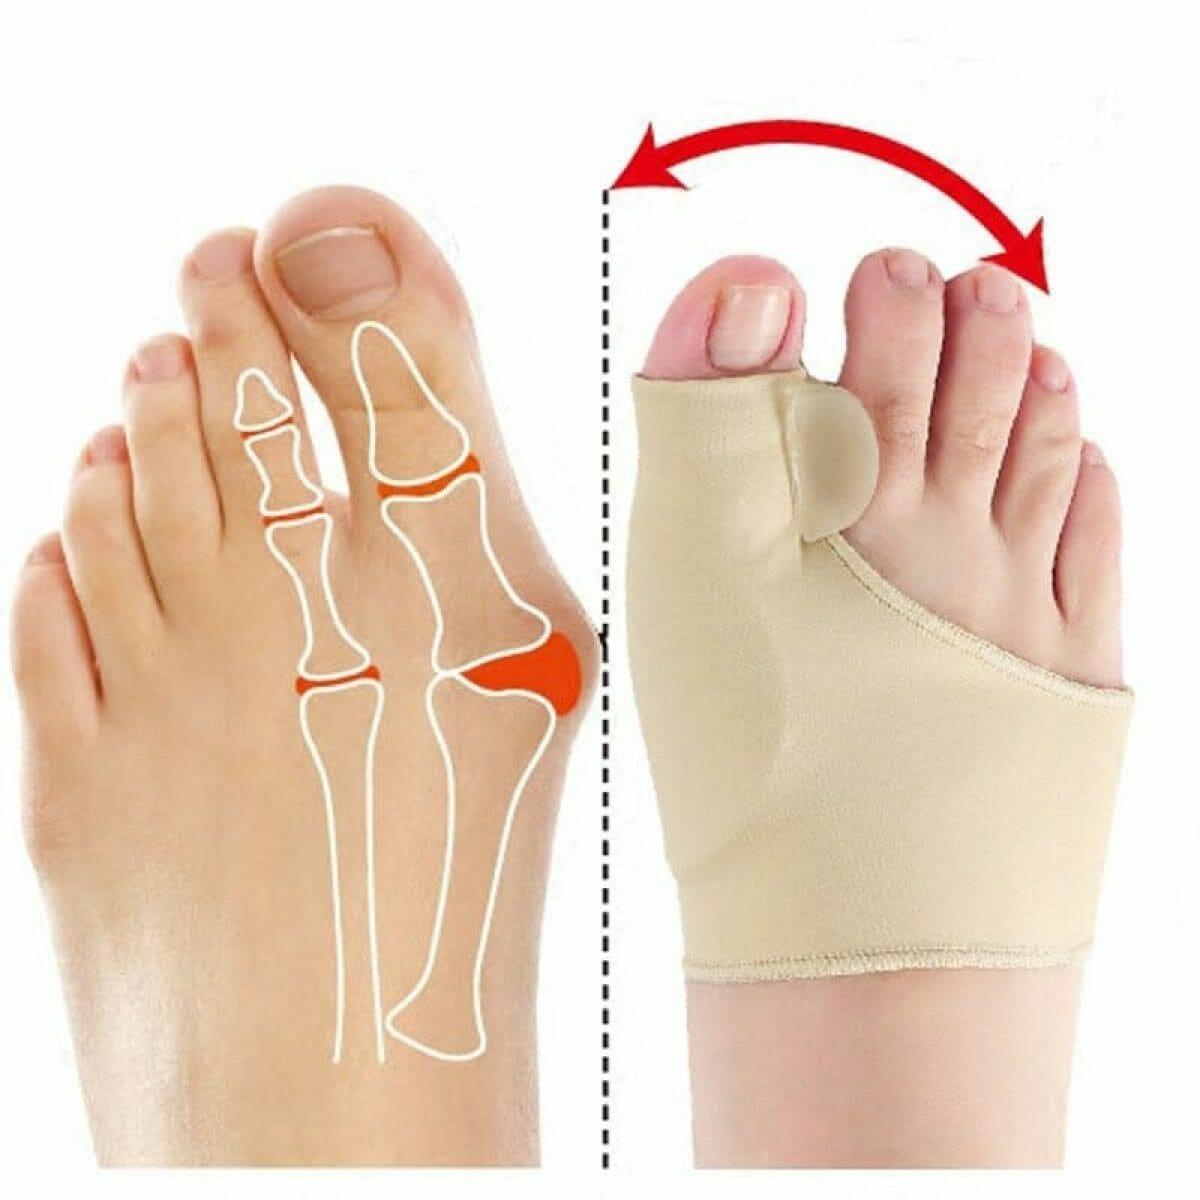 Corretor ortopédico para joanetes - 1 par